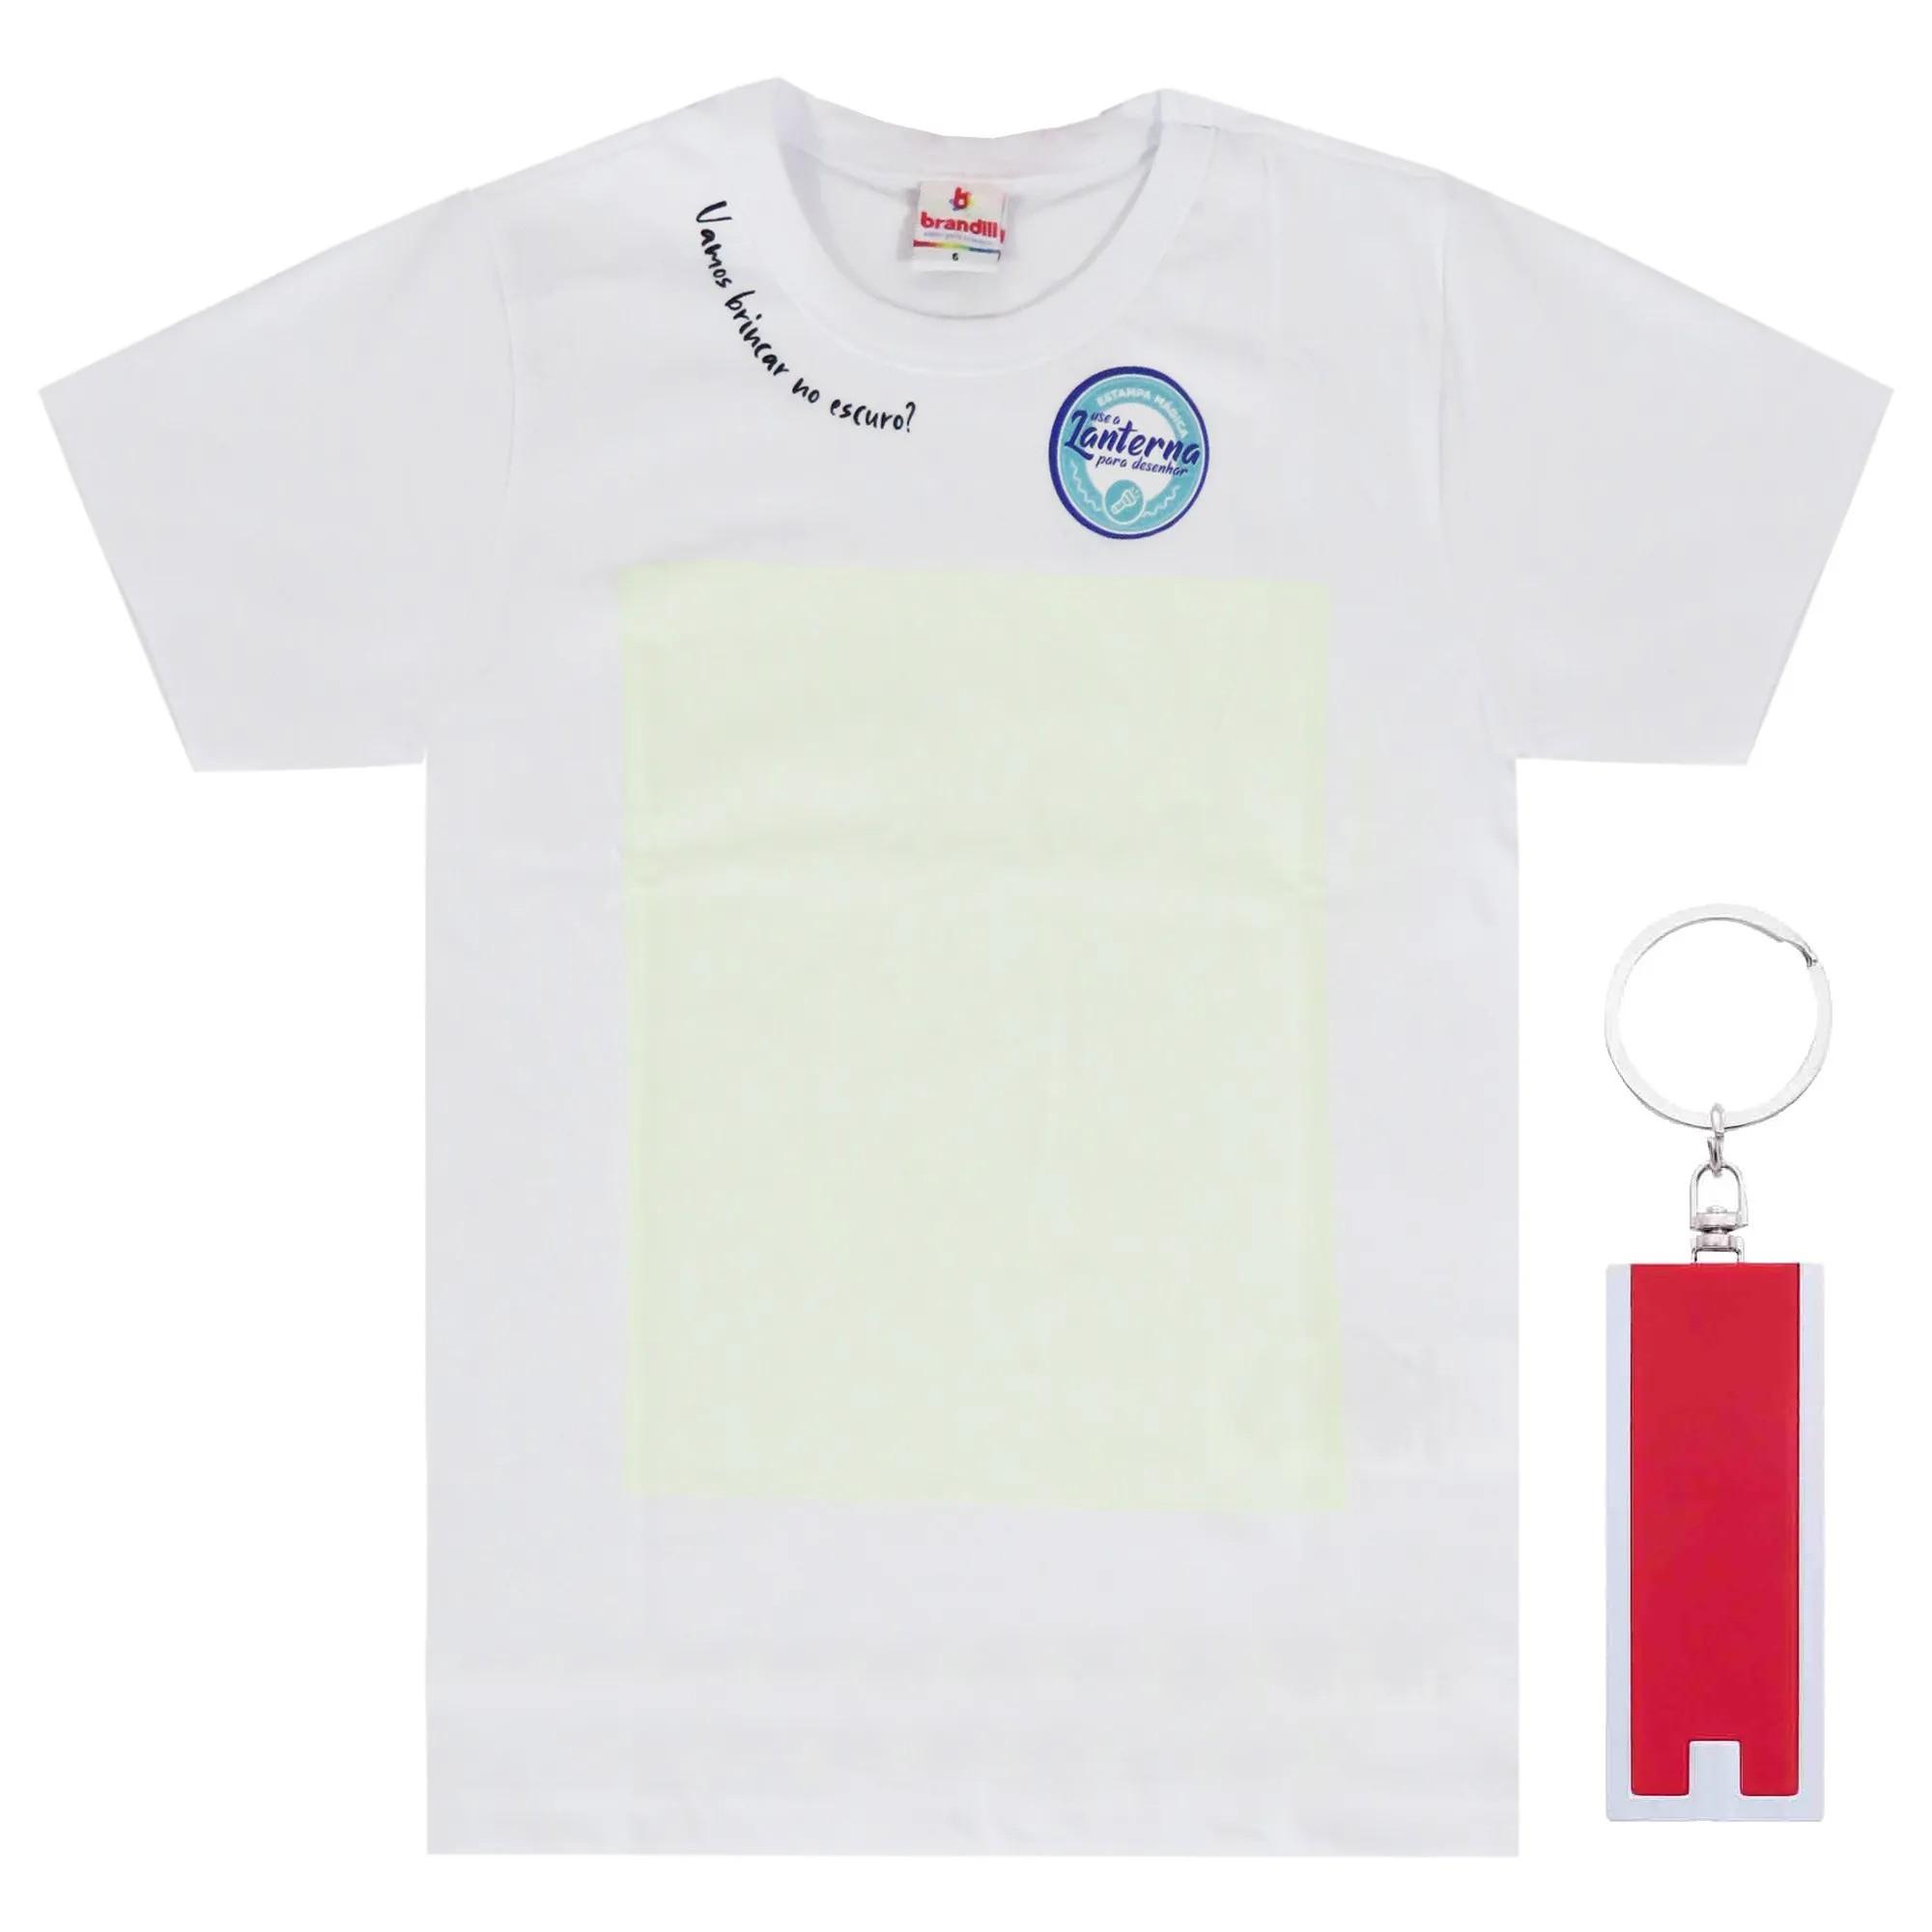 Camiseta Meia Manga Brandili com Lanterna Mágica - 4 ao 10